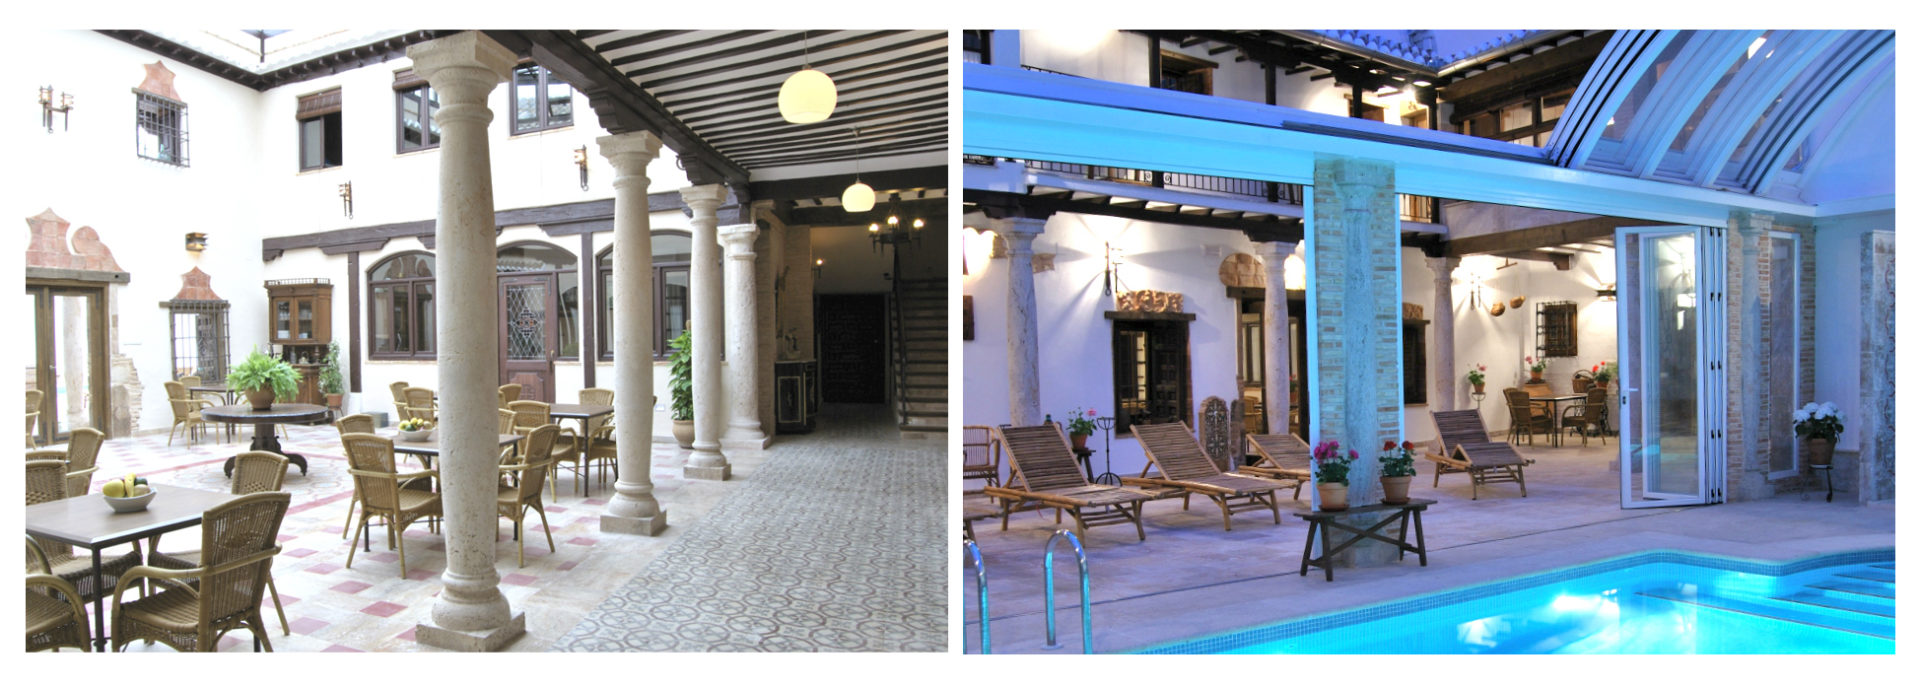 safeclima suelo radiante instalacion hotel casa grande thermor